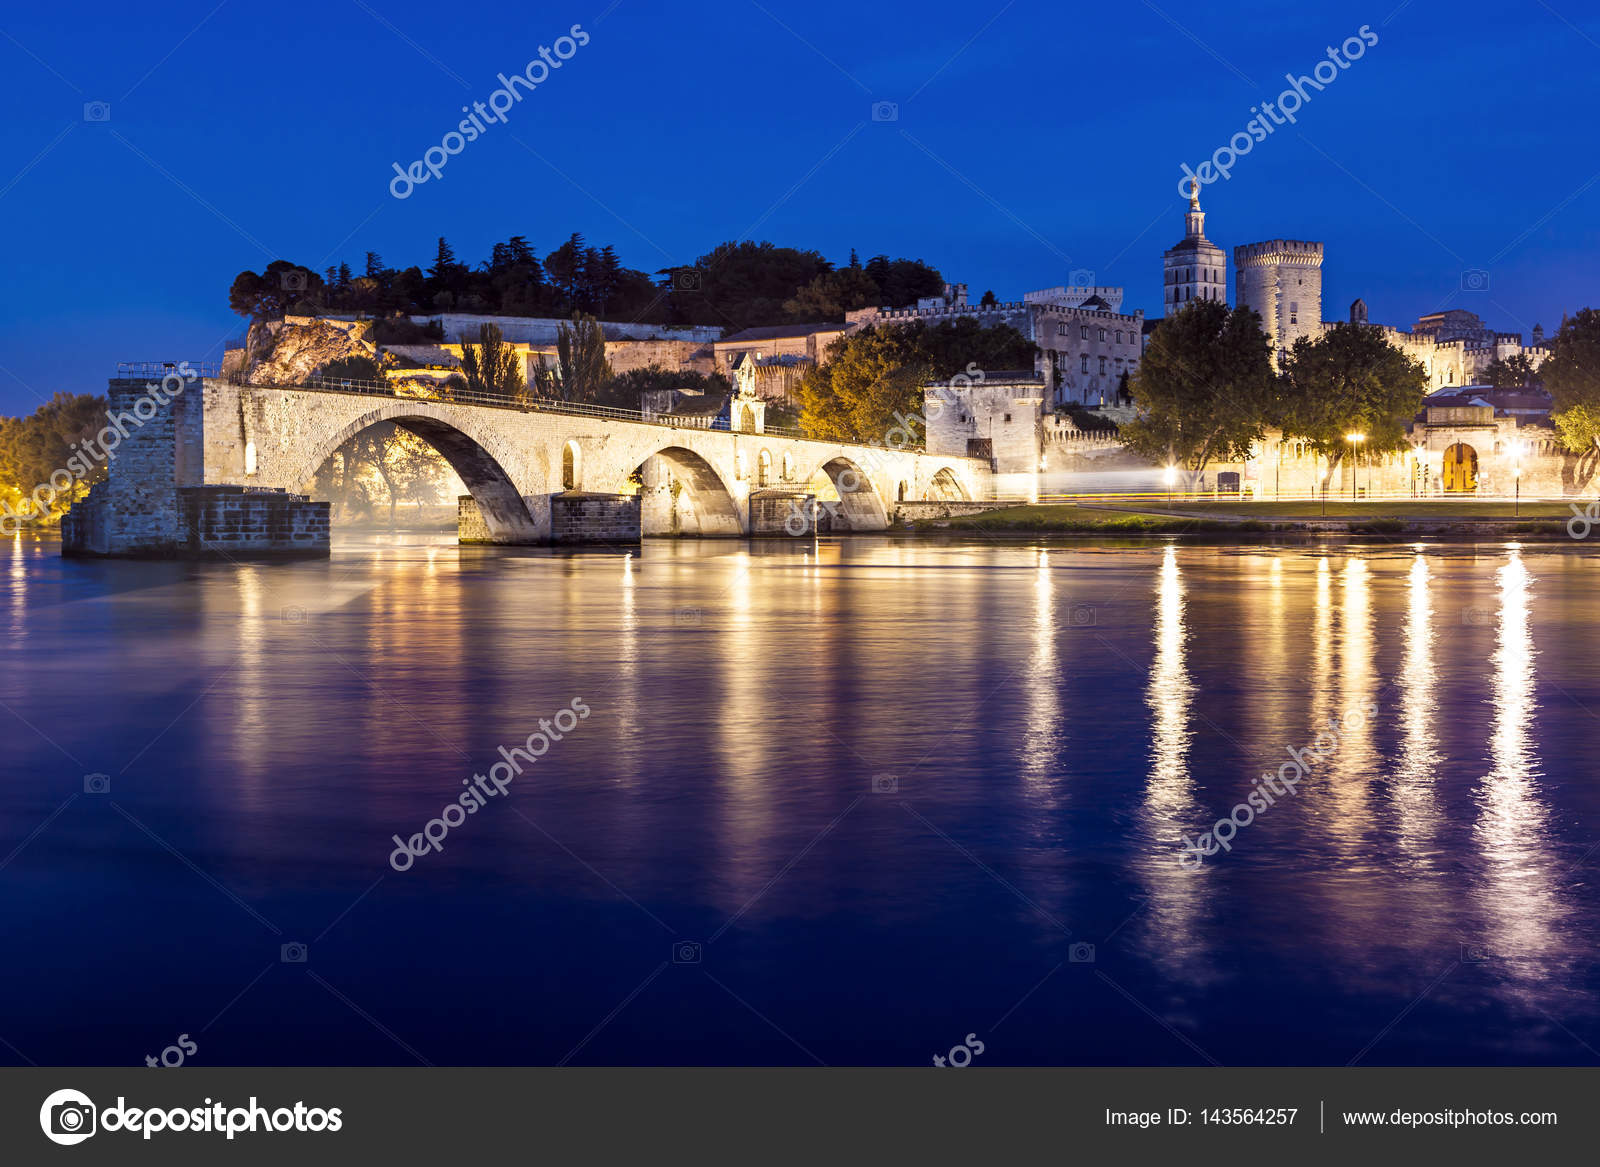 Avignon bridge provence france foto stock robynmac for Piani di progettazione di ponti gratuiti